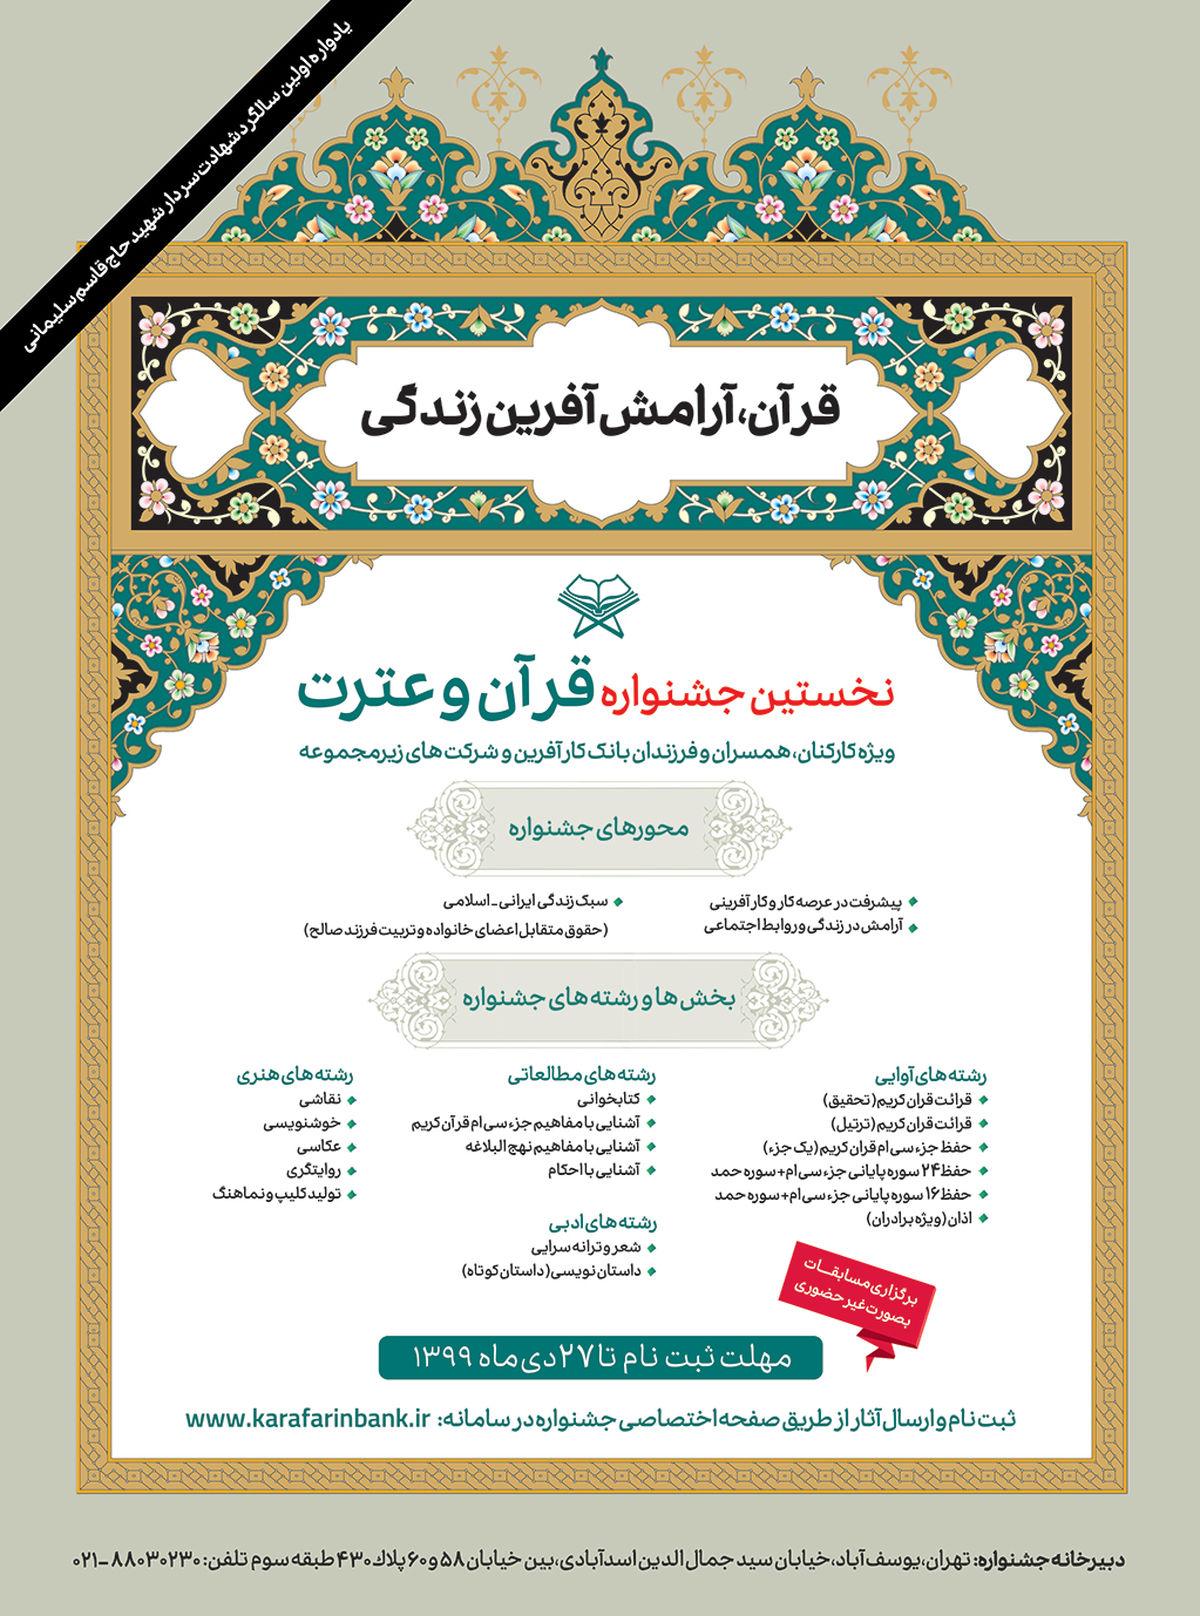 فراخوان شرکت در نخستین جشنواره «قرآن و عترت» بانک کارآفرین